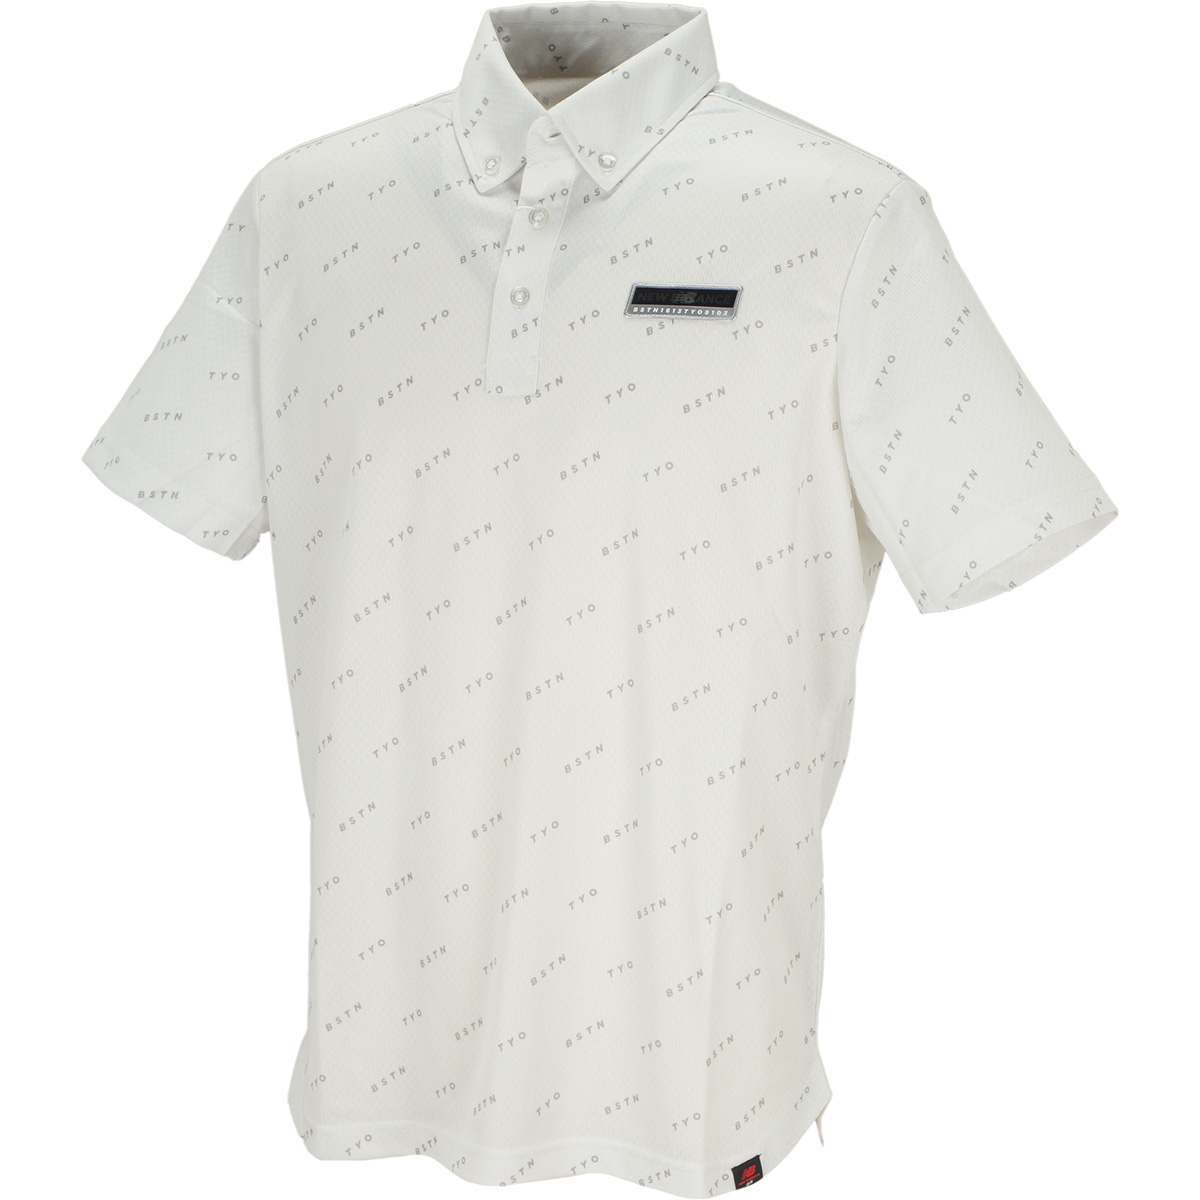 METRO ボタンダウンカラー 半袖ポロシャツ